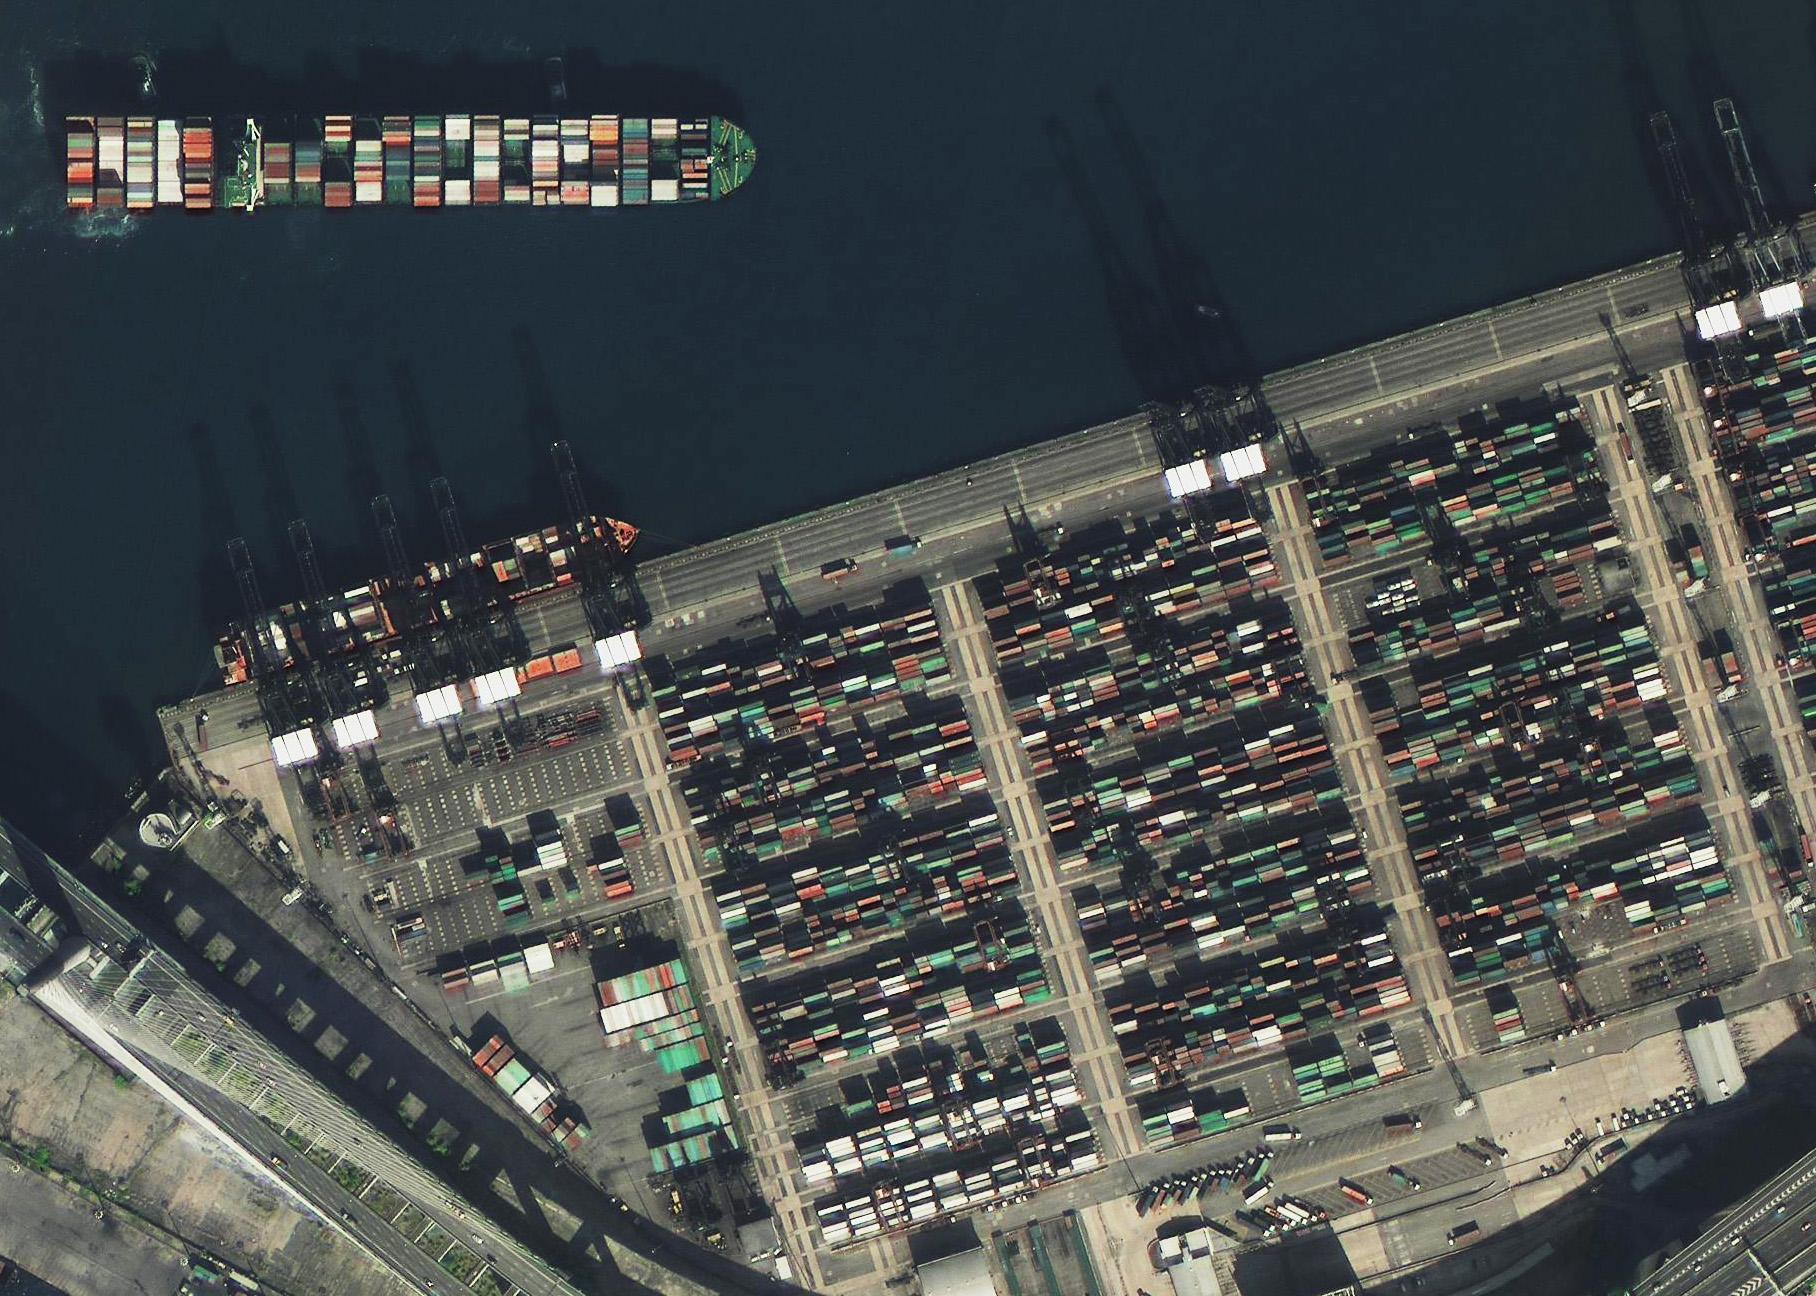 高景一號獲得的香港中遠貨運中心圖像。(四維測繪供圖)